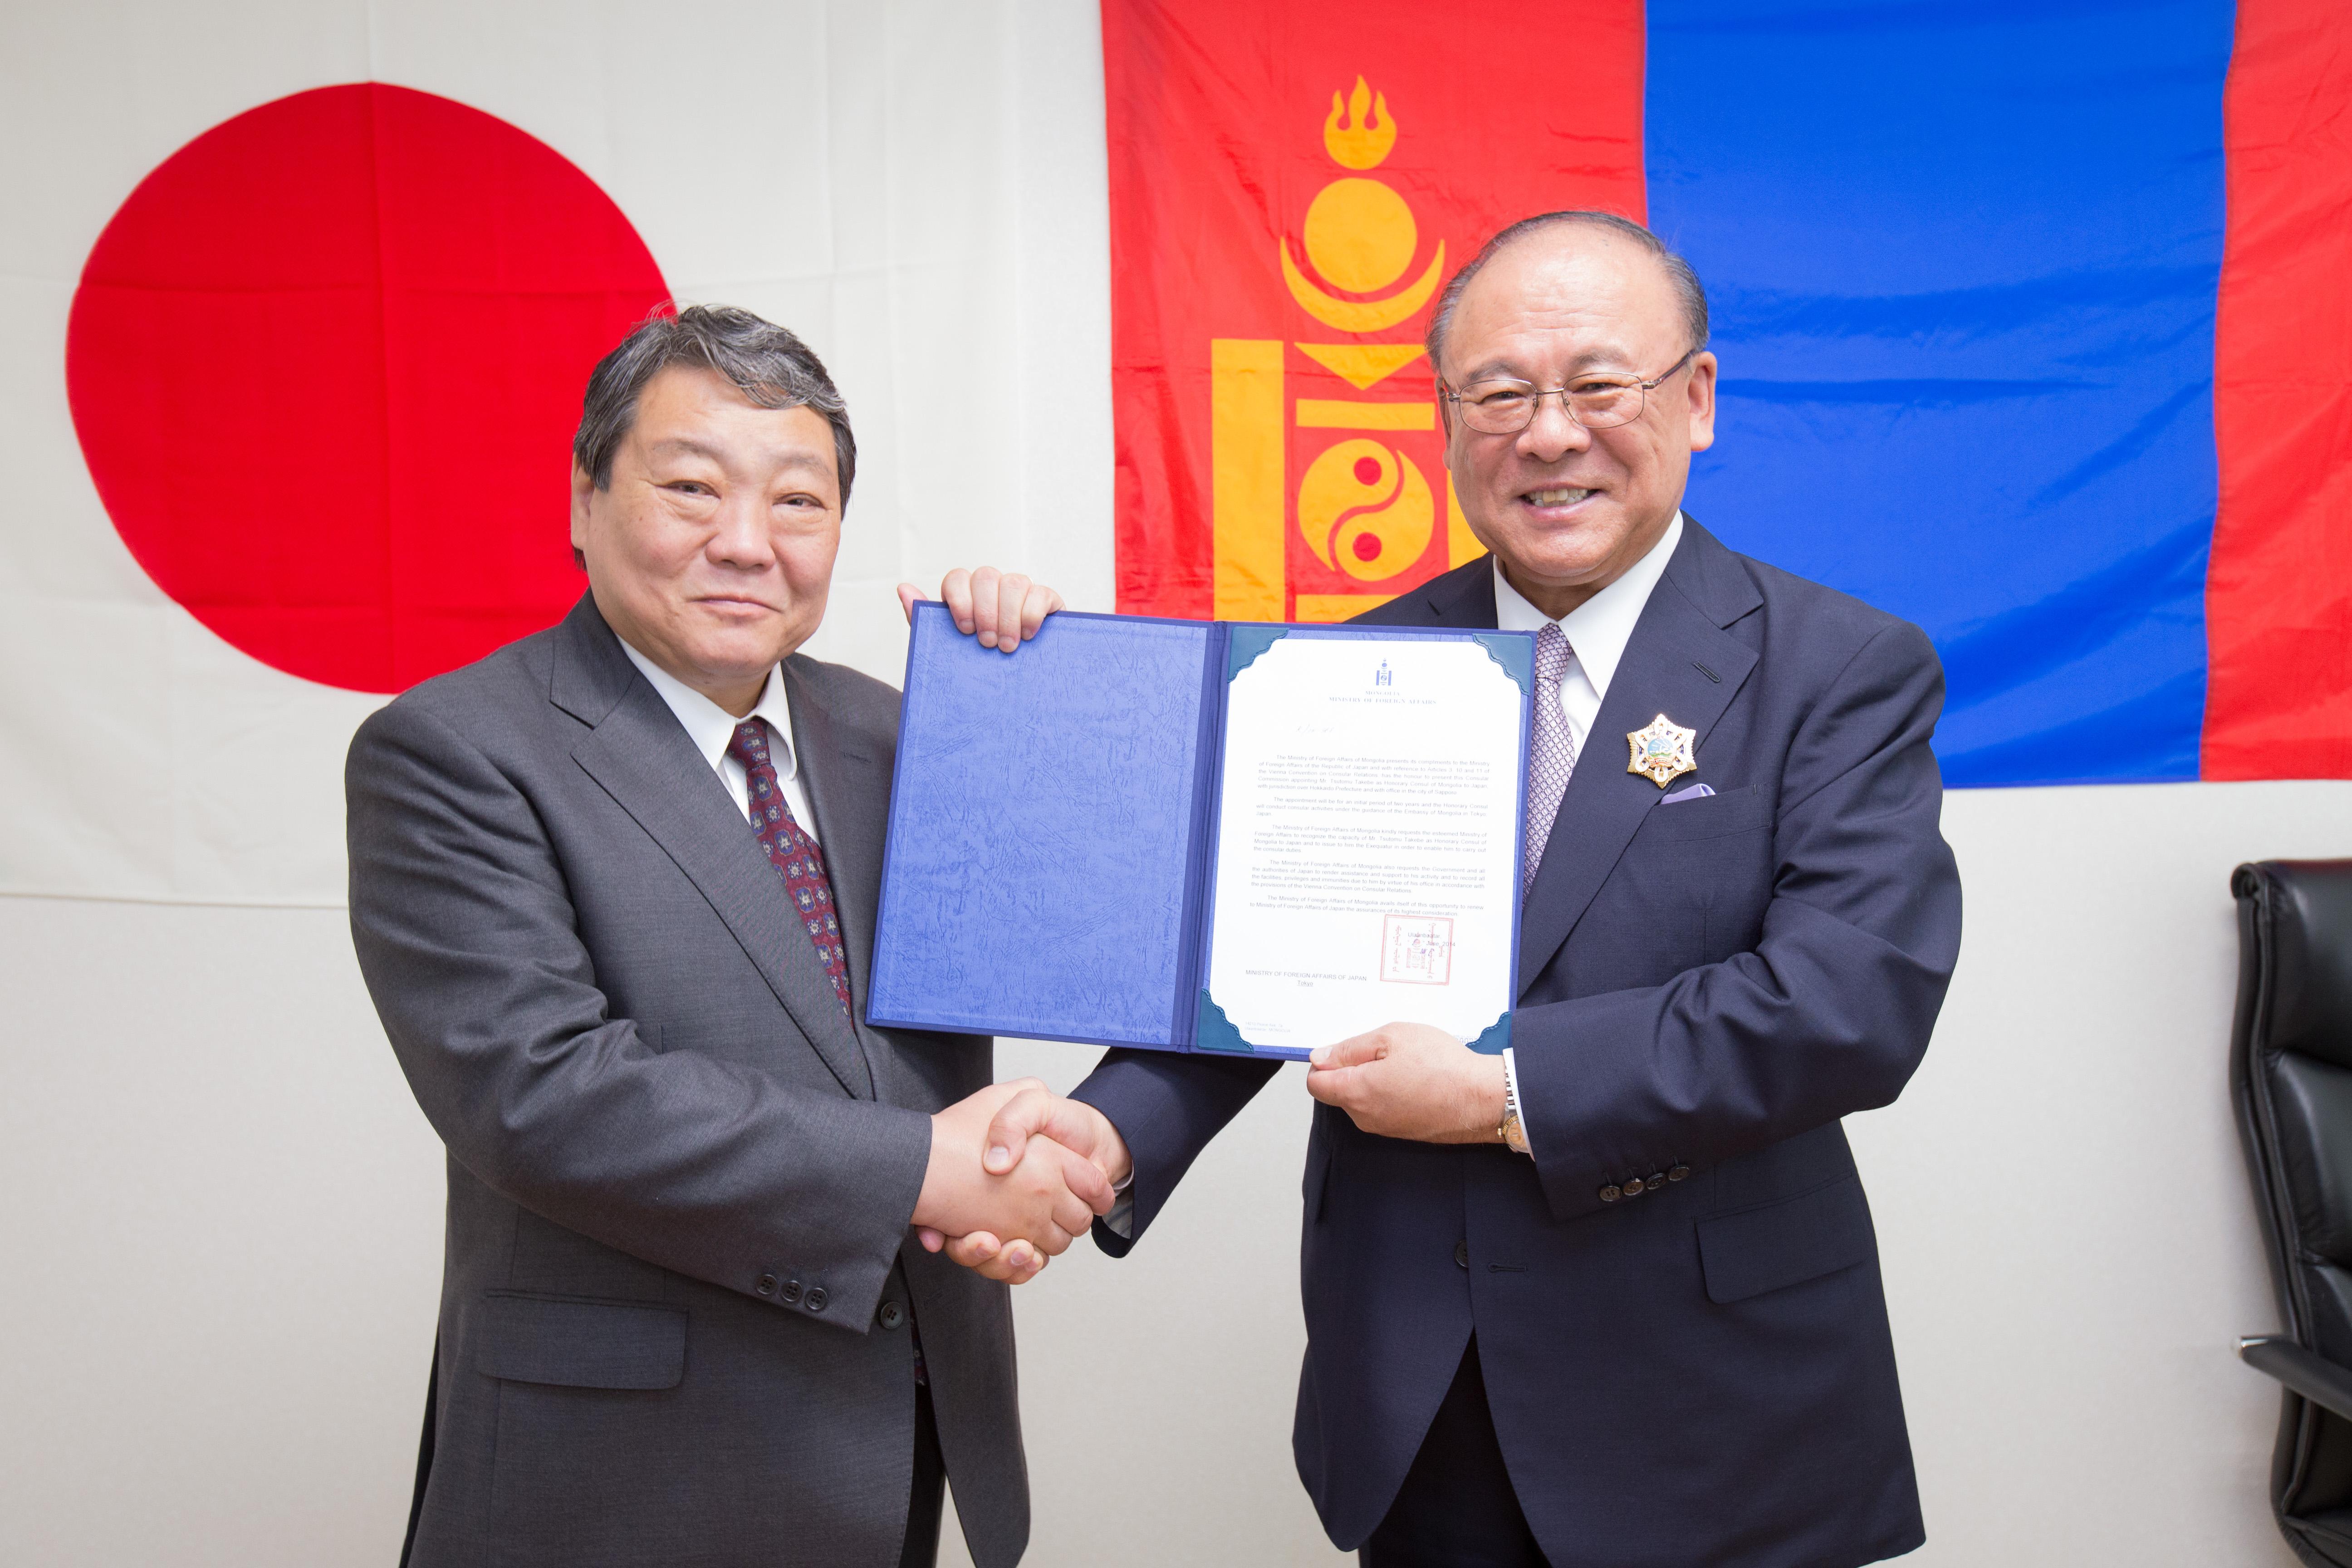 ソドムジャブツ・フレバータル  モンゴル大使(左)から辞令を与る